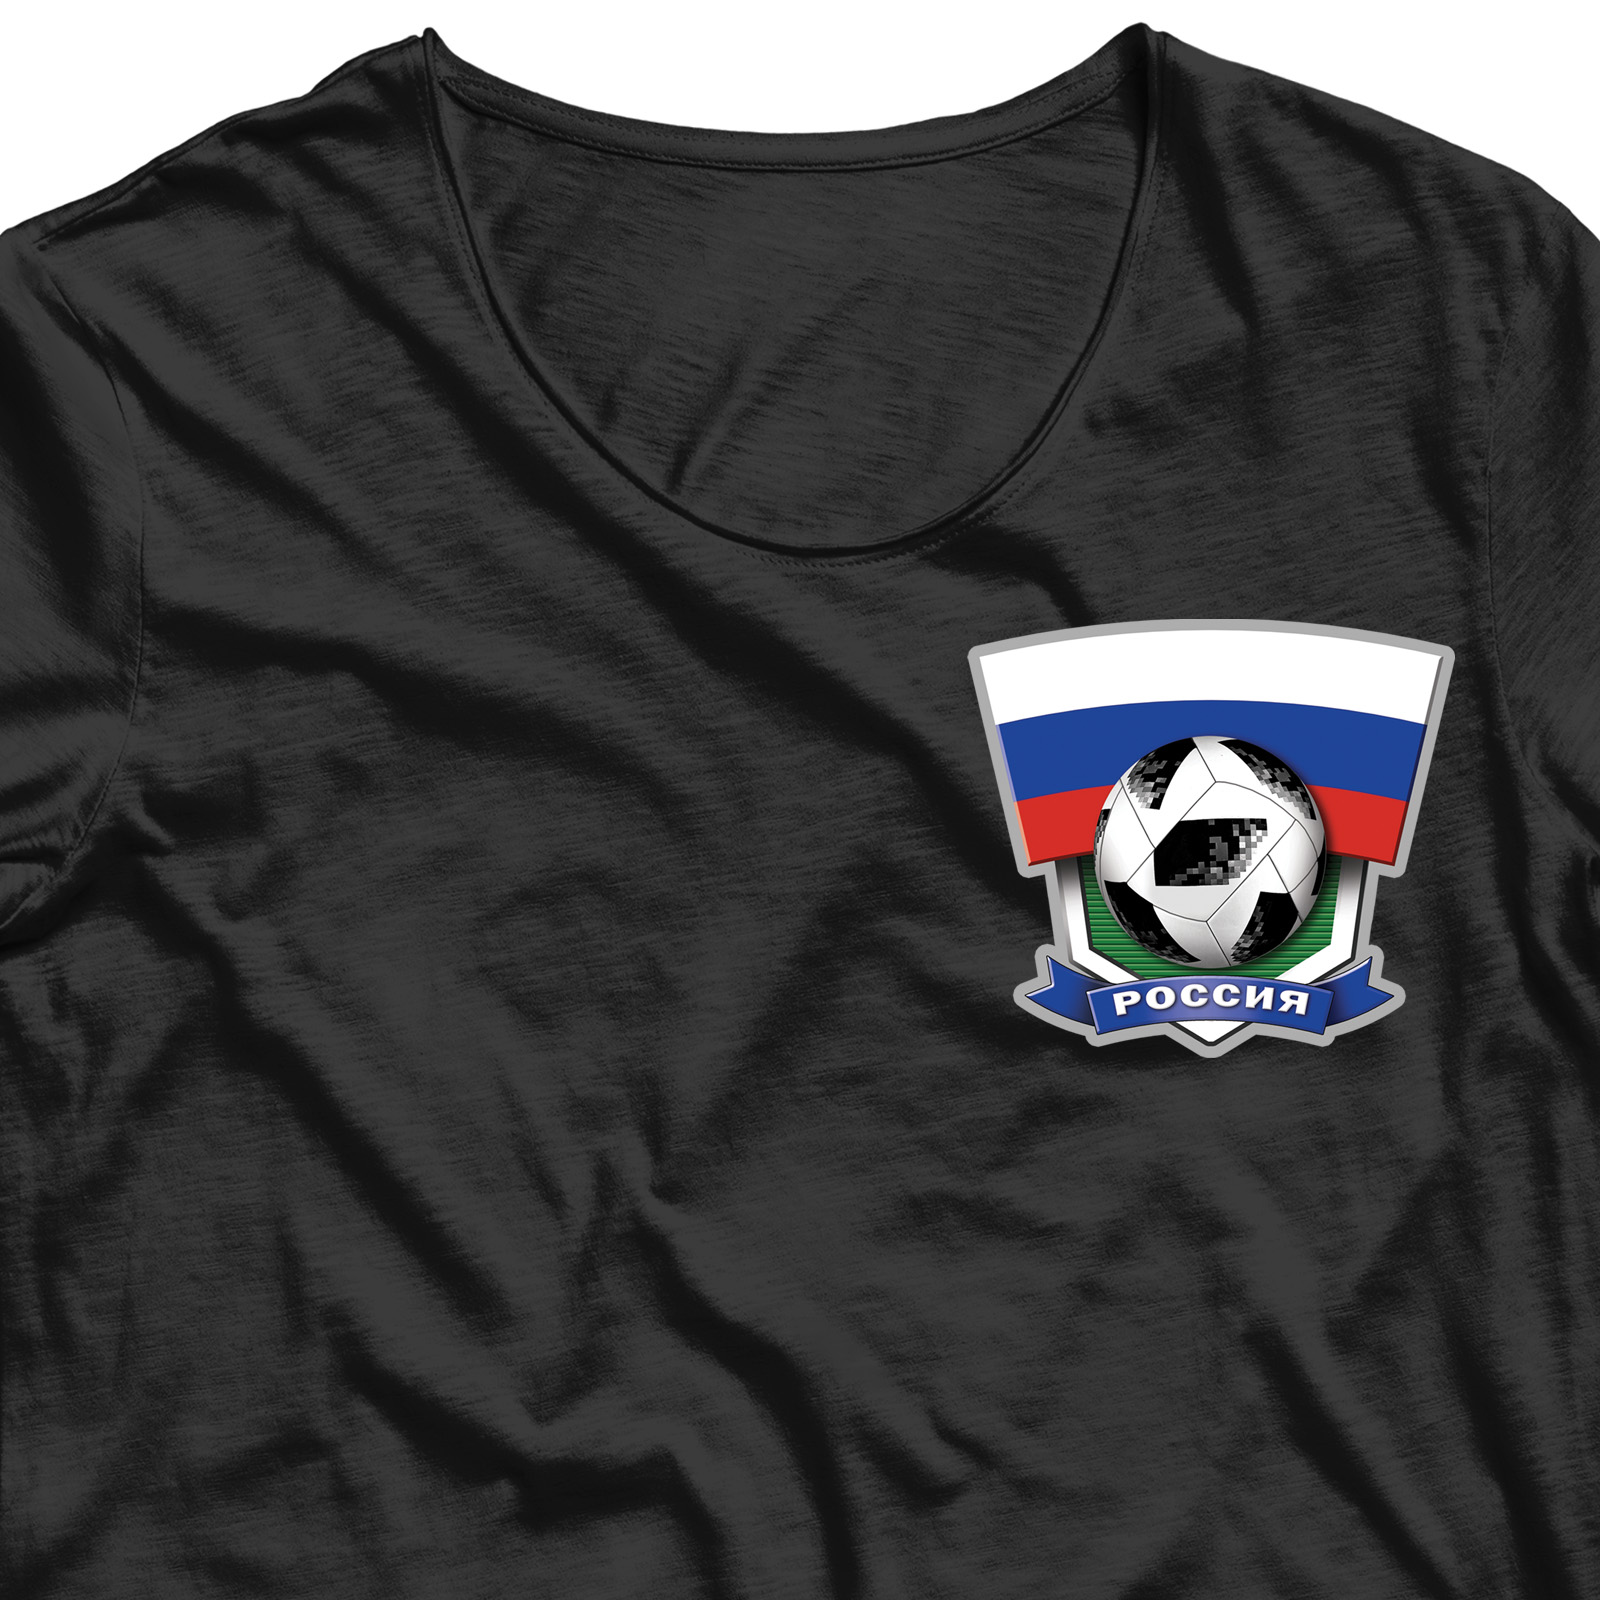 Термотрансфер на футболку Россия (6,7 х 7,5)